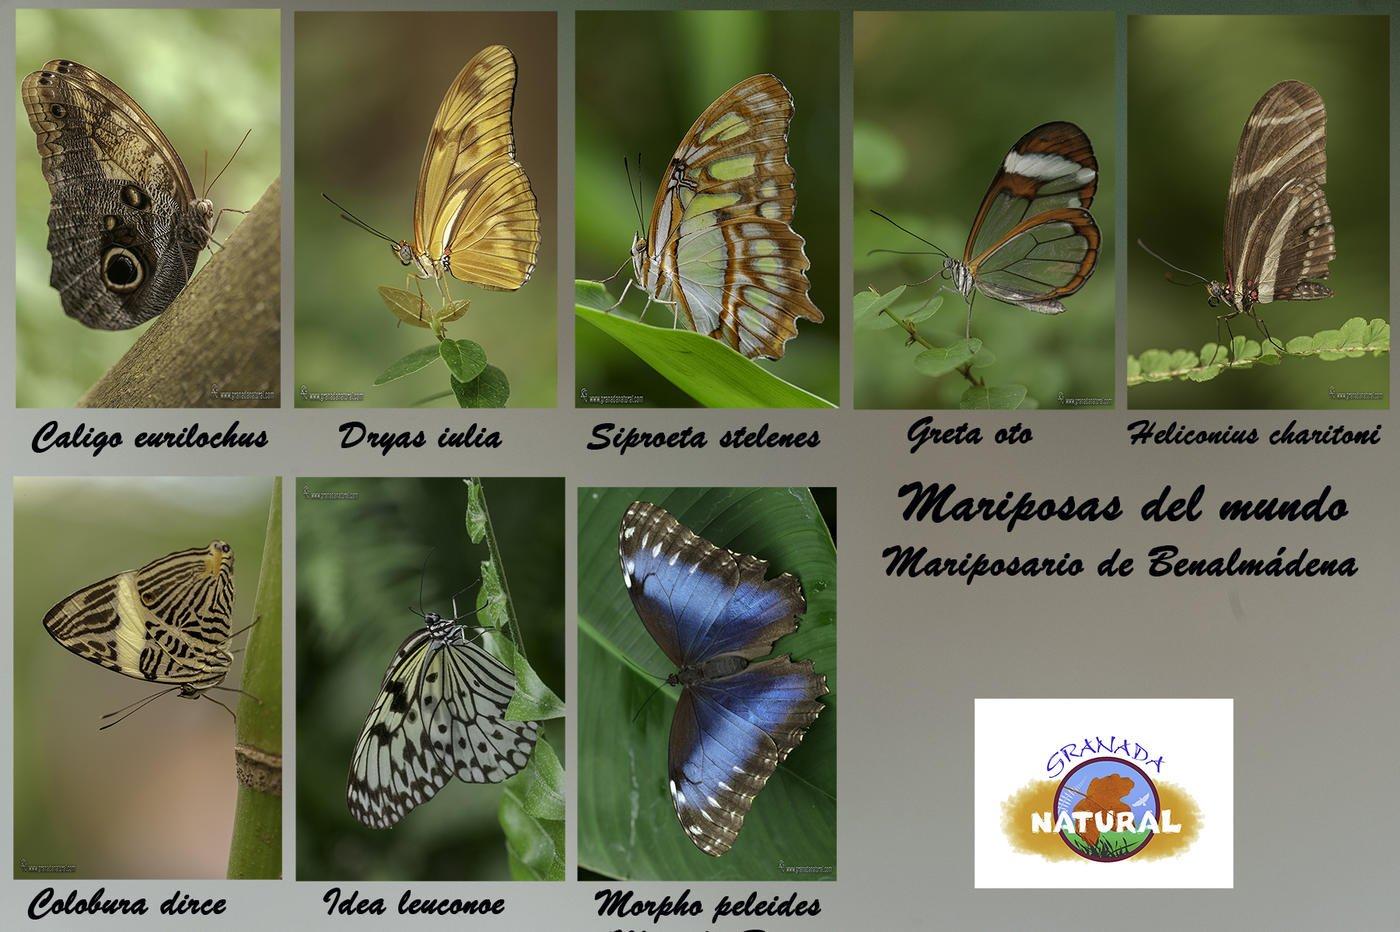 Mariposas del mundo (Butterflies of the world) (Lucas Gutierrez Jiménez)